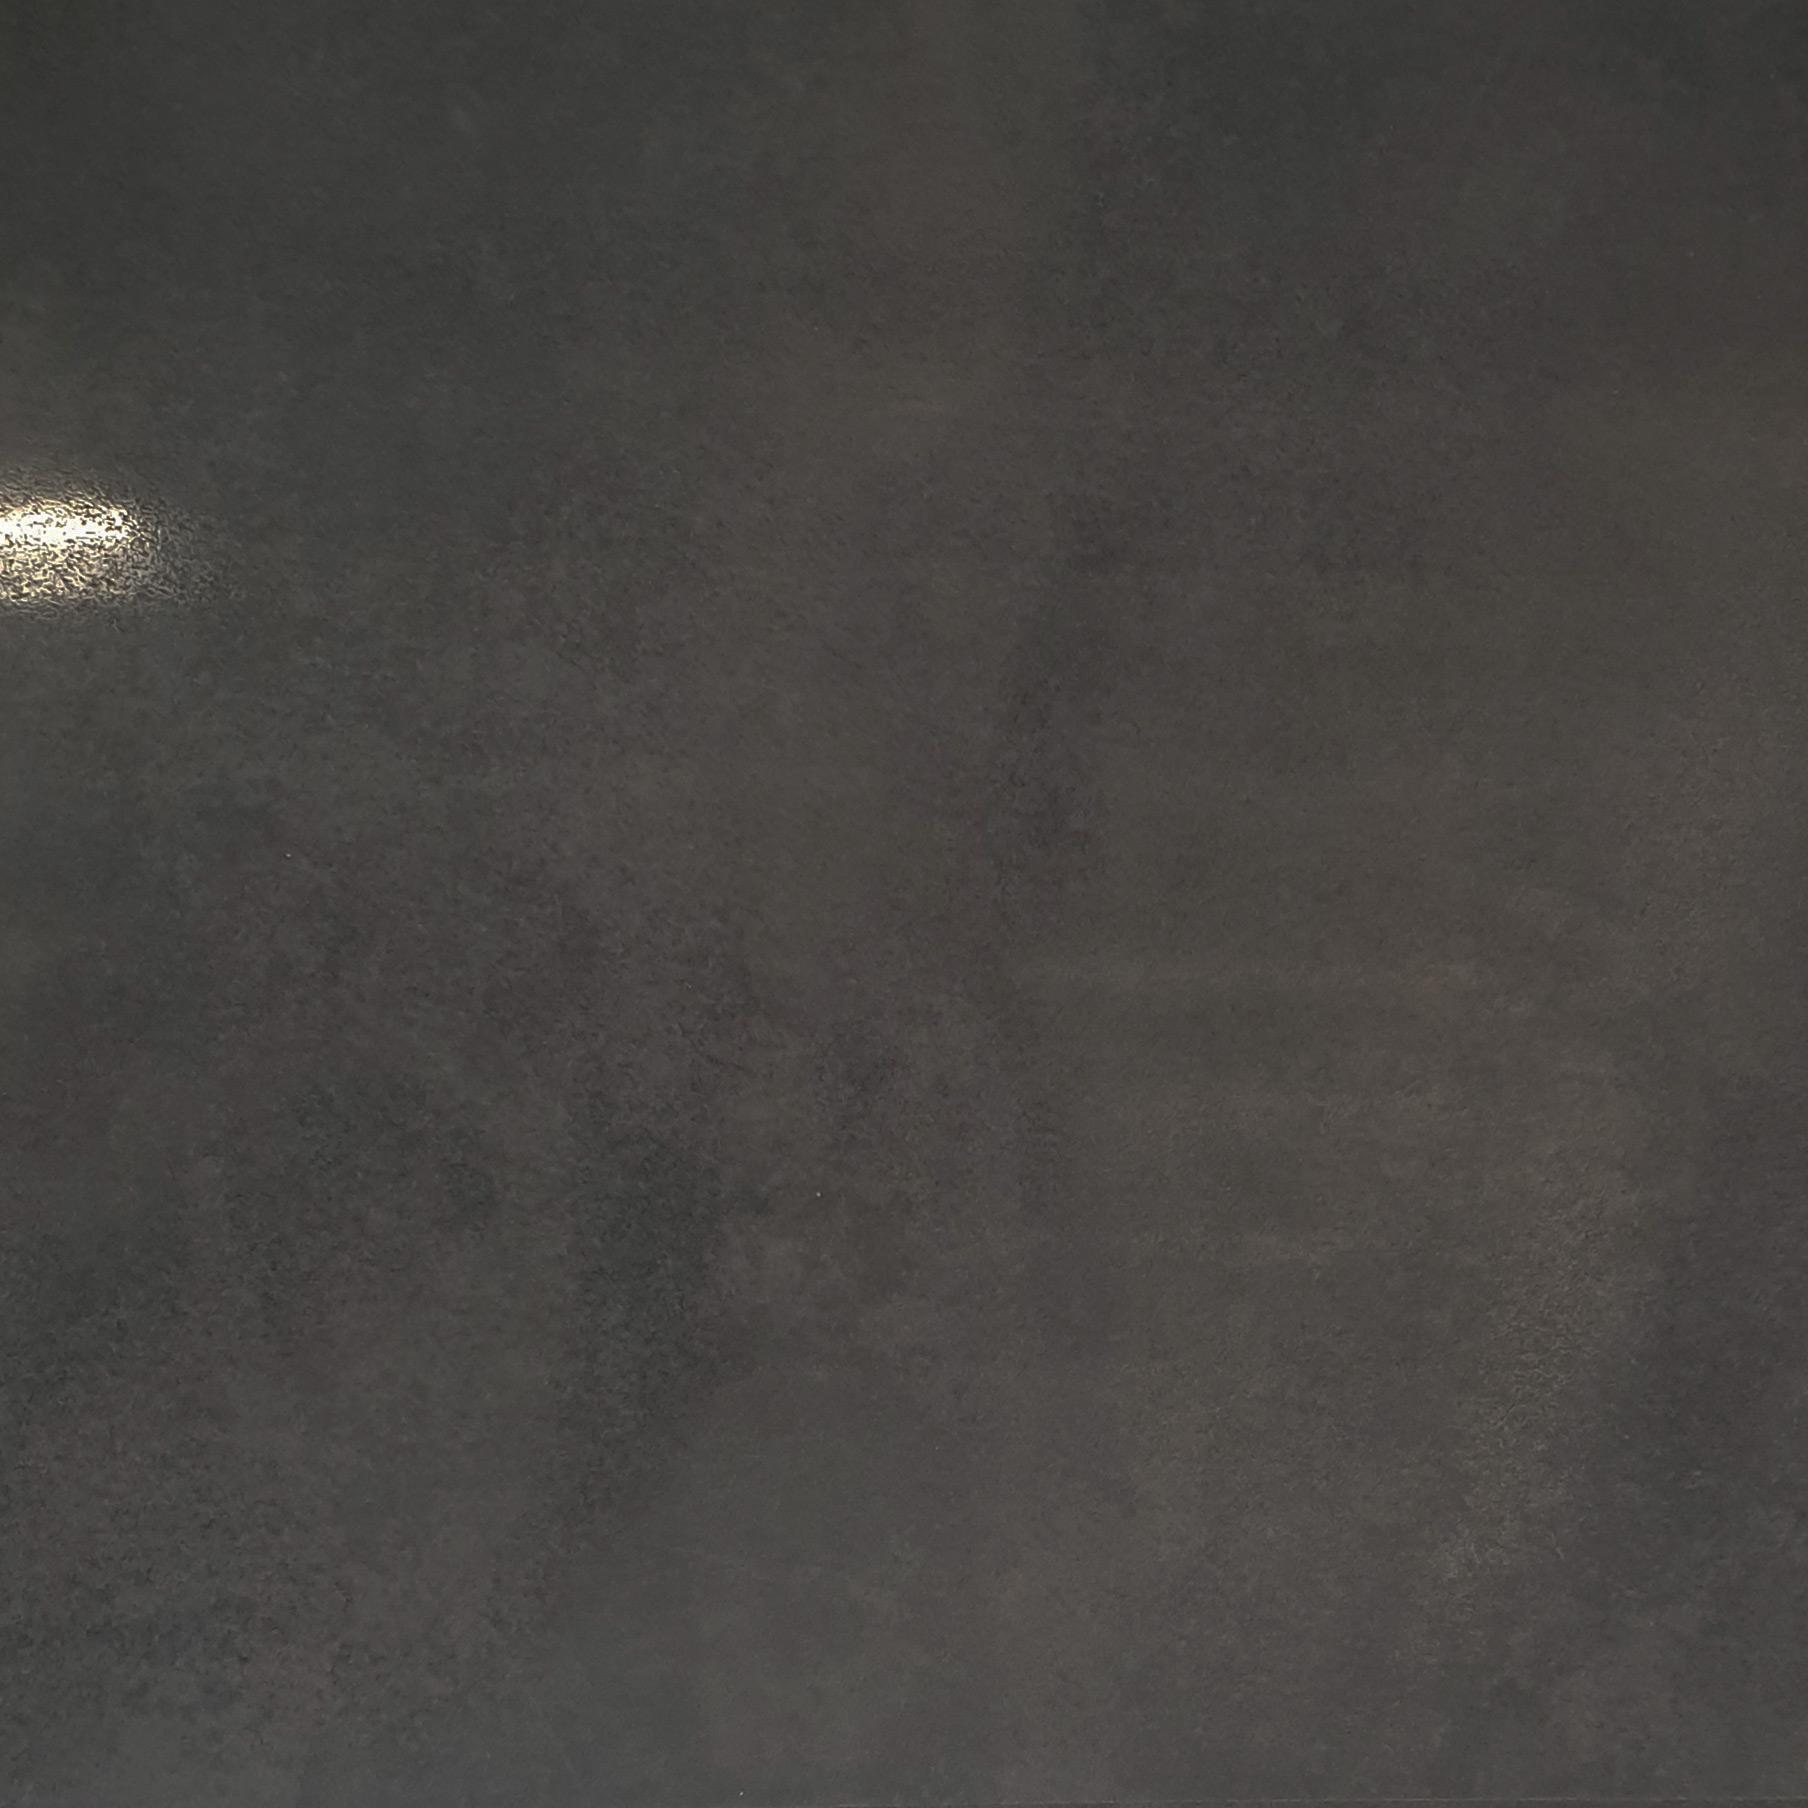 Cinque Flow Boden-/Wandfliese Schwarz 60x60 LAPP Rett Sonderposten